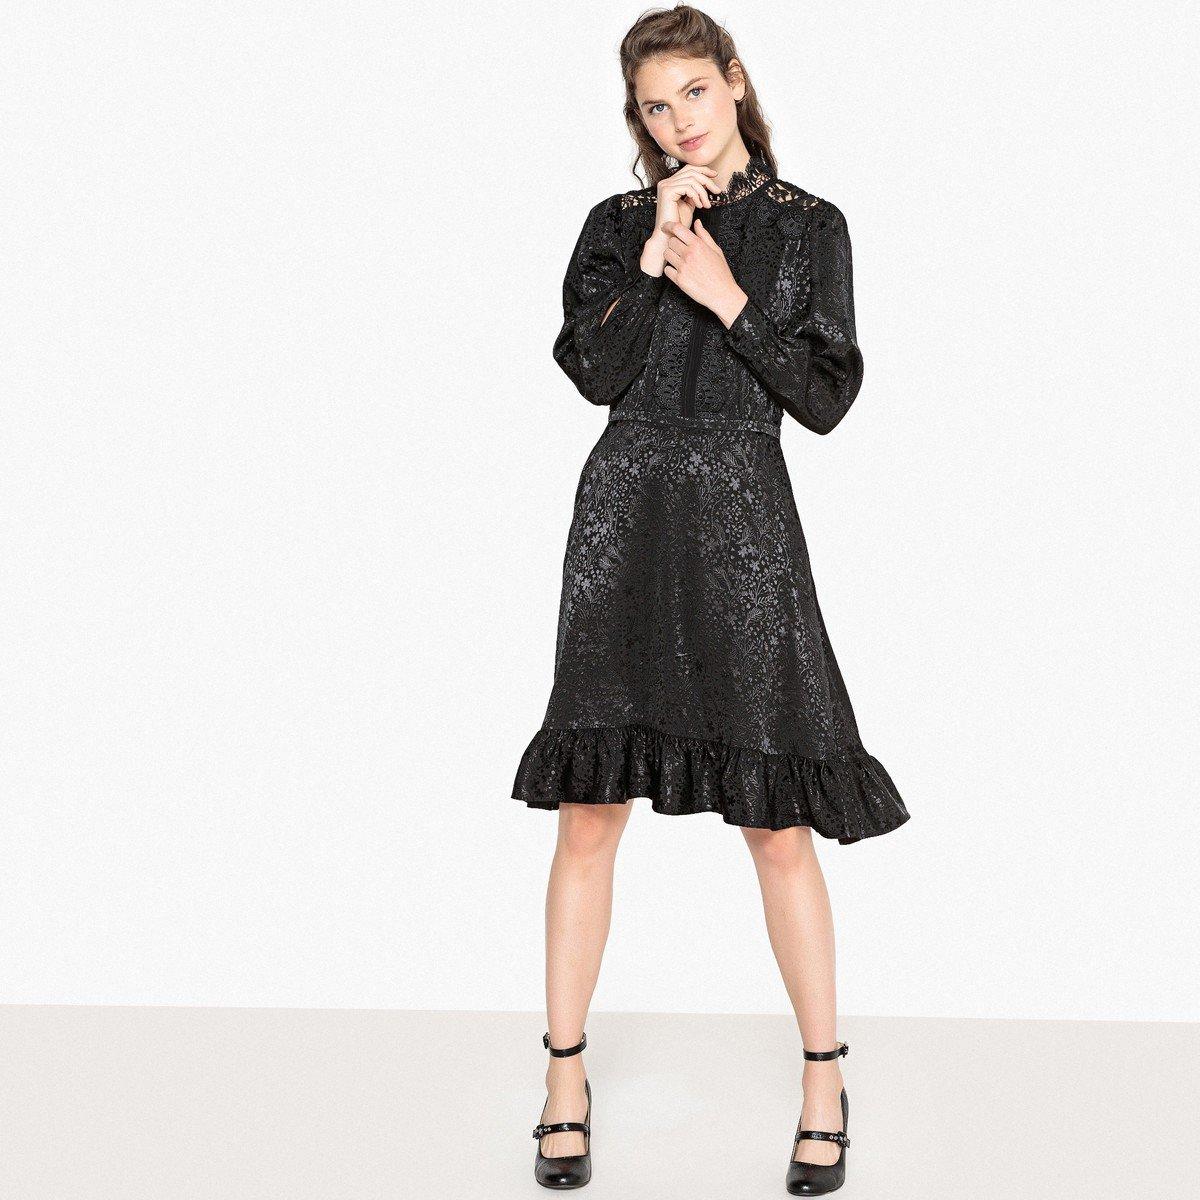 c637c681e82 Платье из кружевного трикотажа купить ▽ в интернет магазине через ...